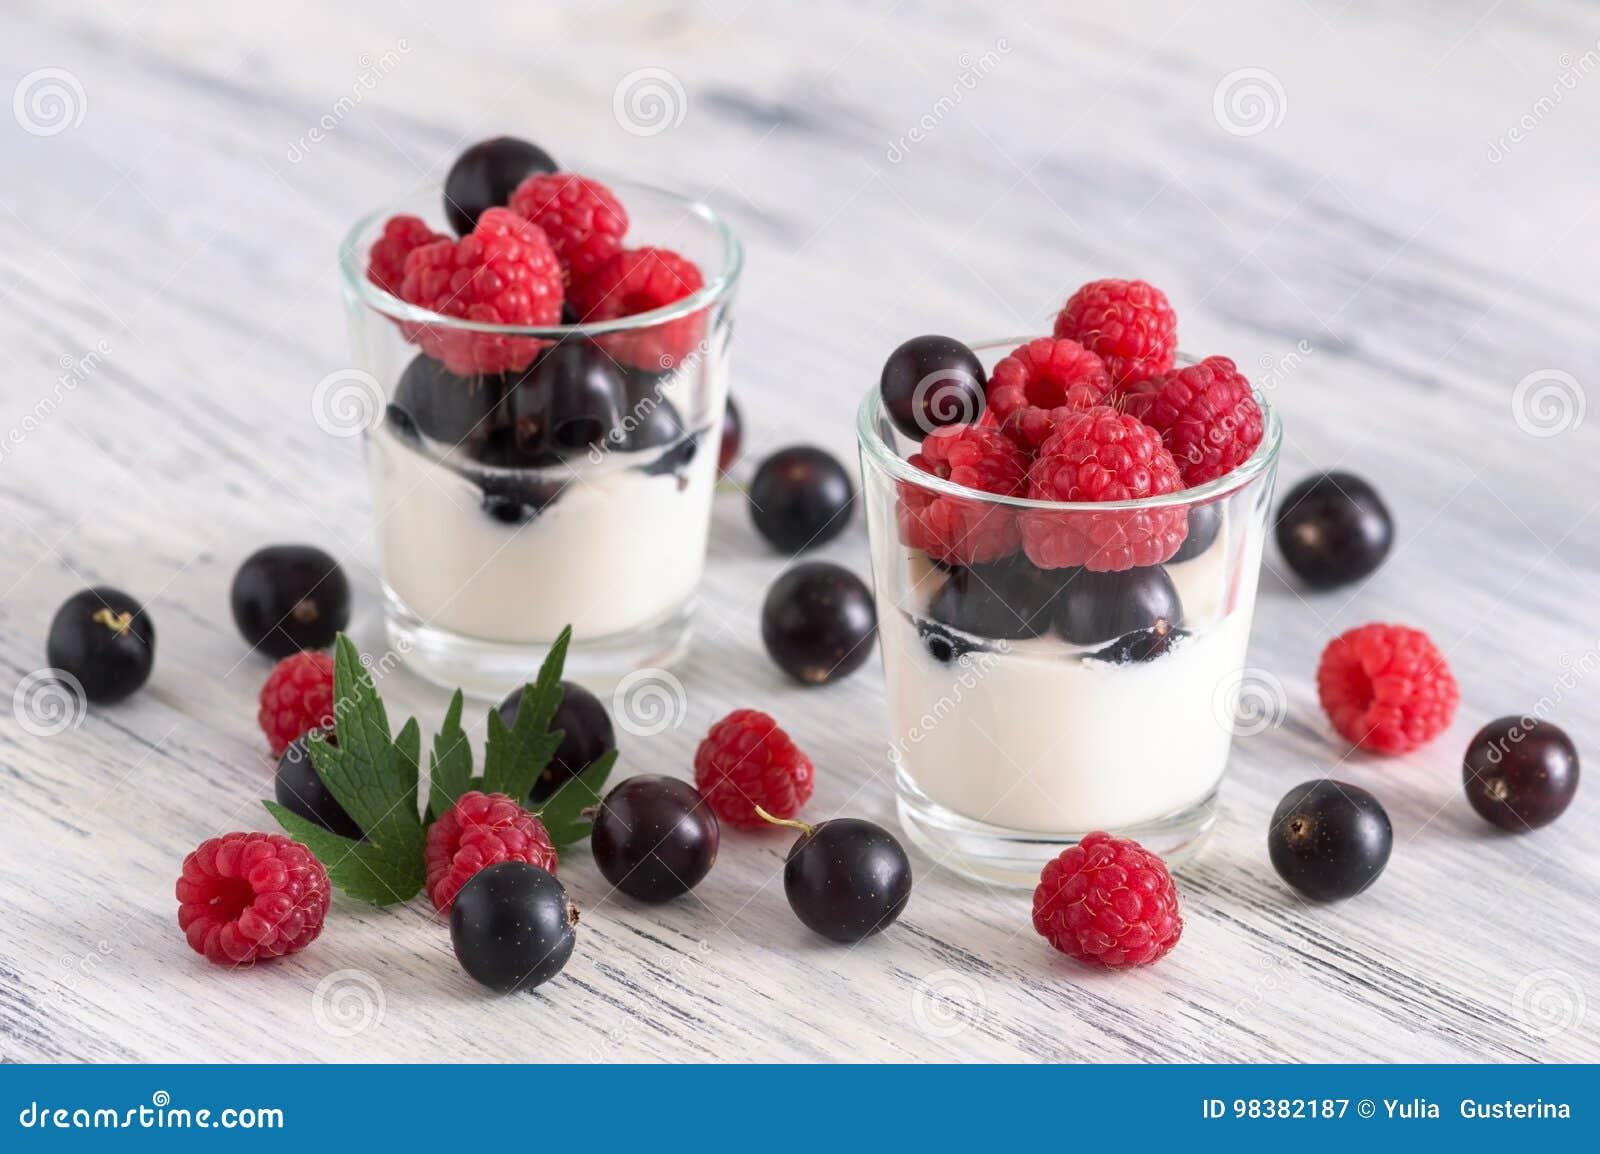 Югурт в стеклах с свежими ягодами Ягоды смородин и поленик